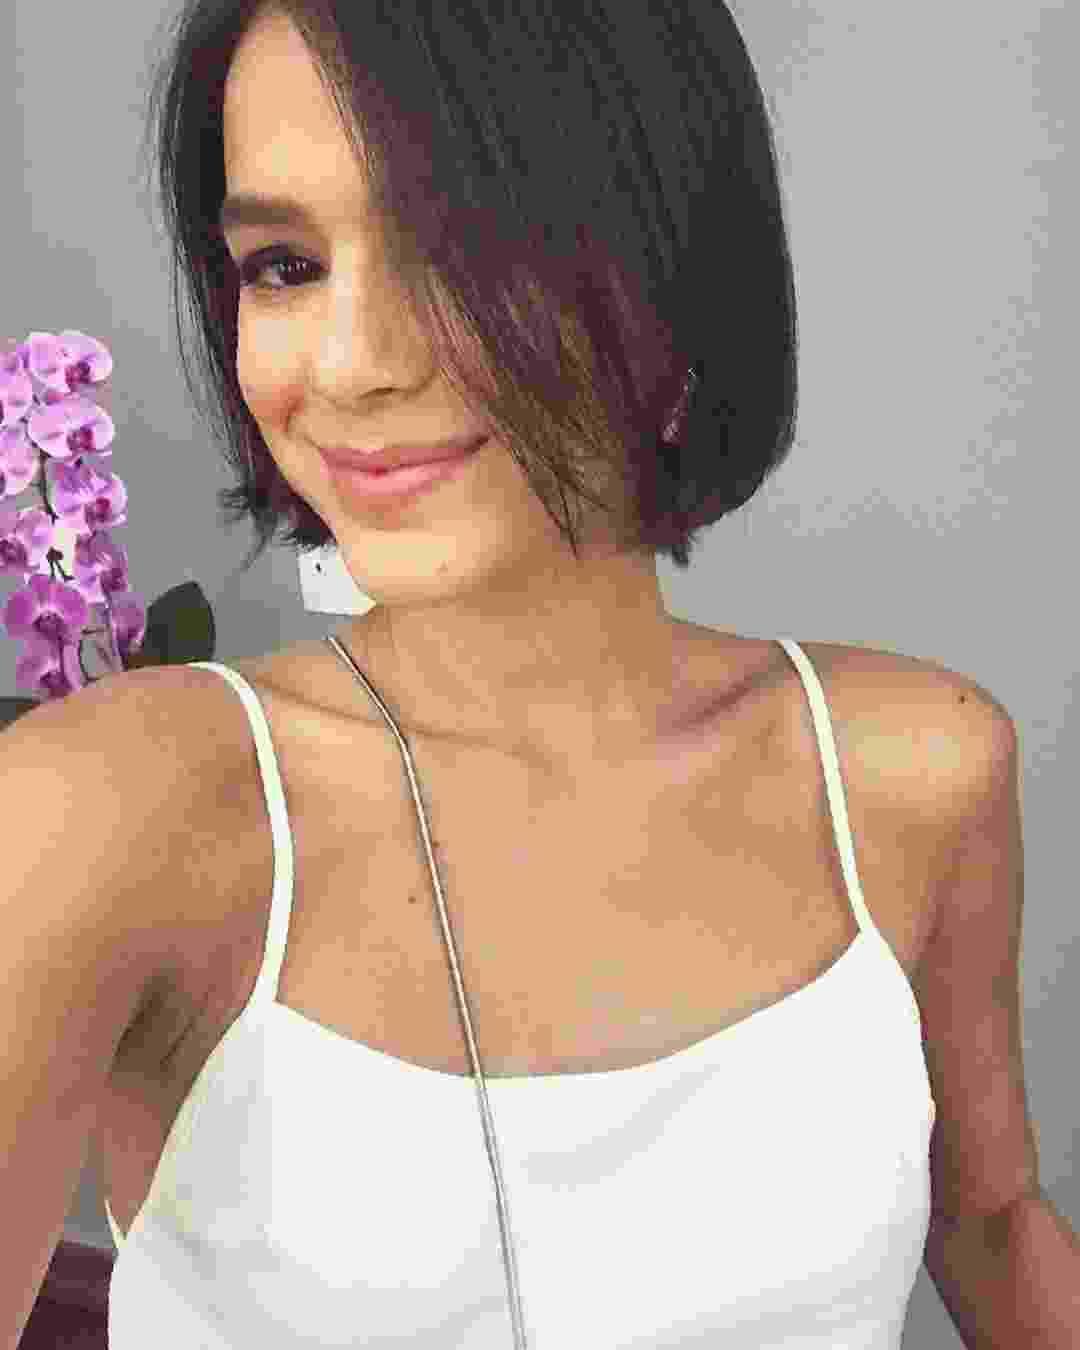 Cabelos de Bruna Marquezine - Chanel curto - Reprodução/Instagram